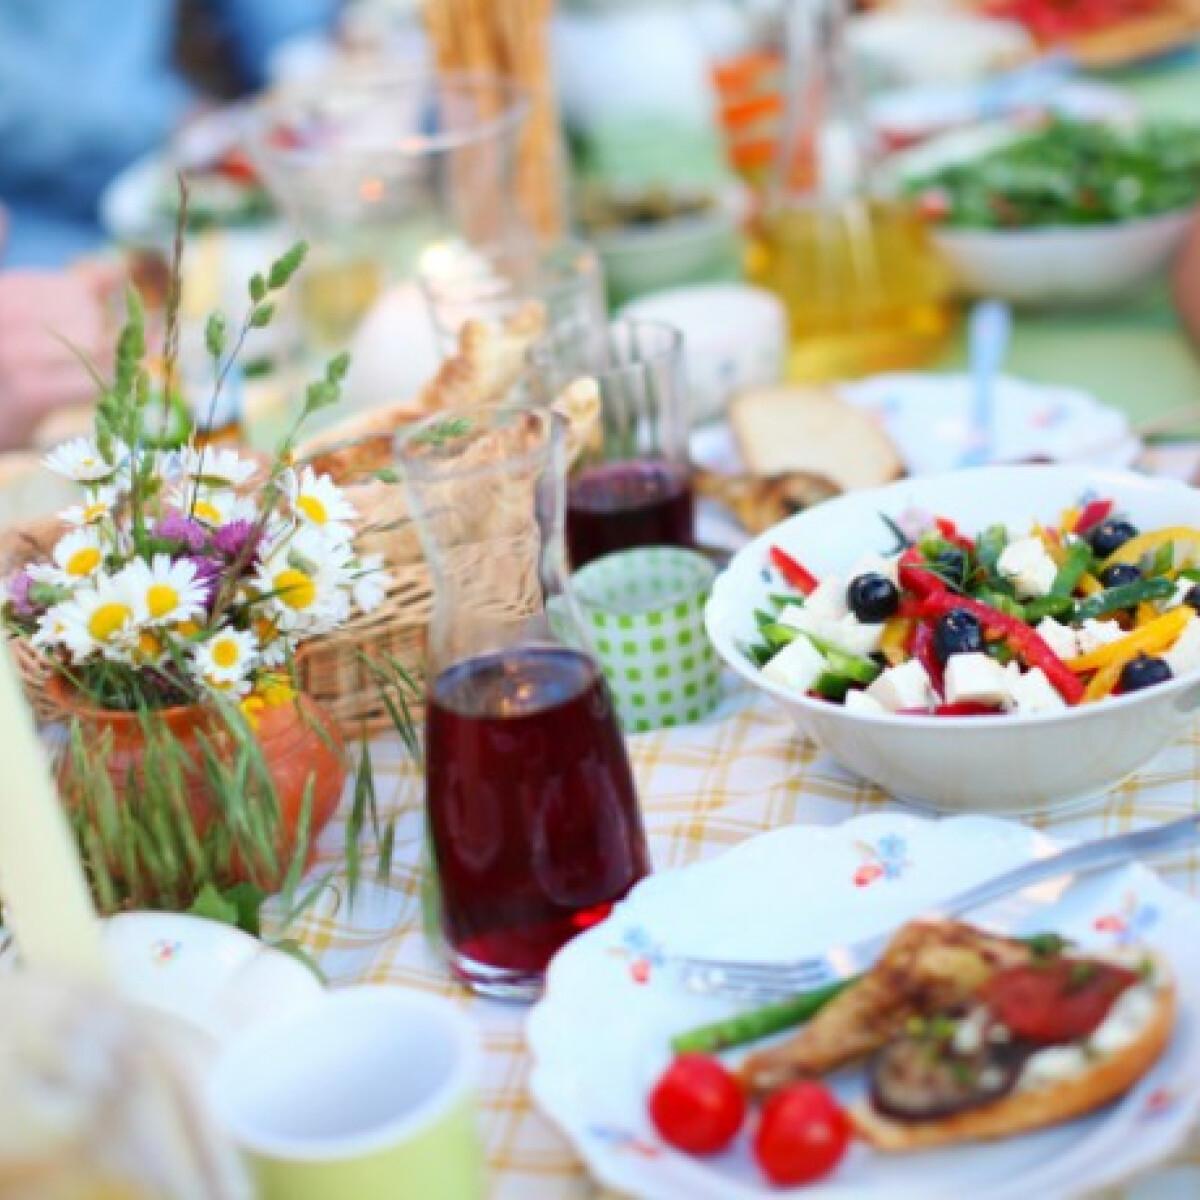 17 gyors ételtrükk - a legjobb nyári ízekért!